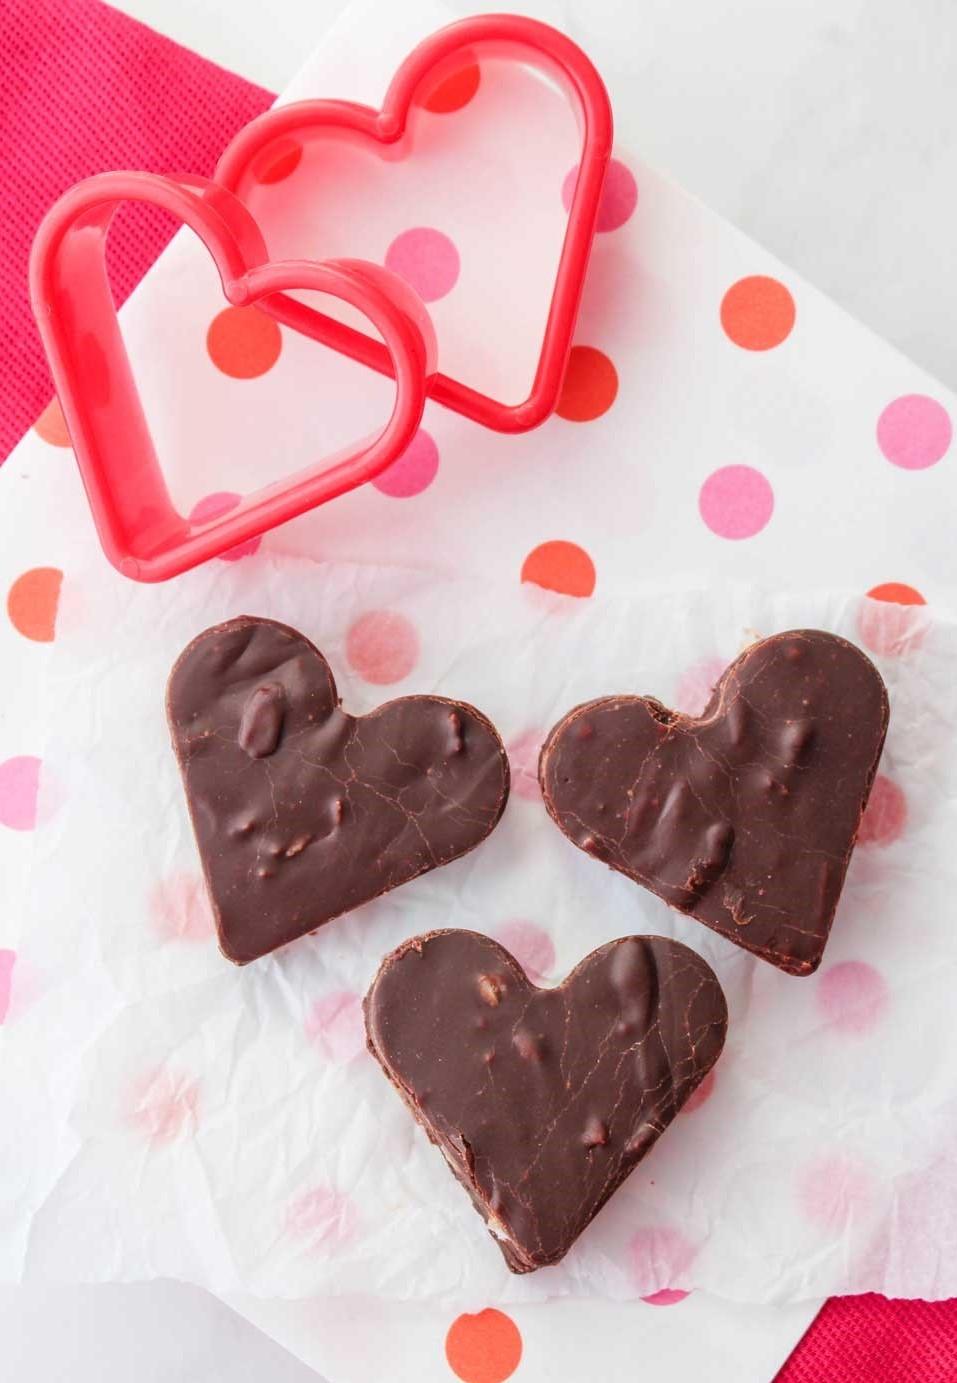 Brownies en forme de coeur.